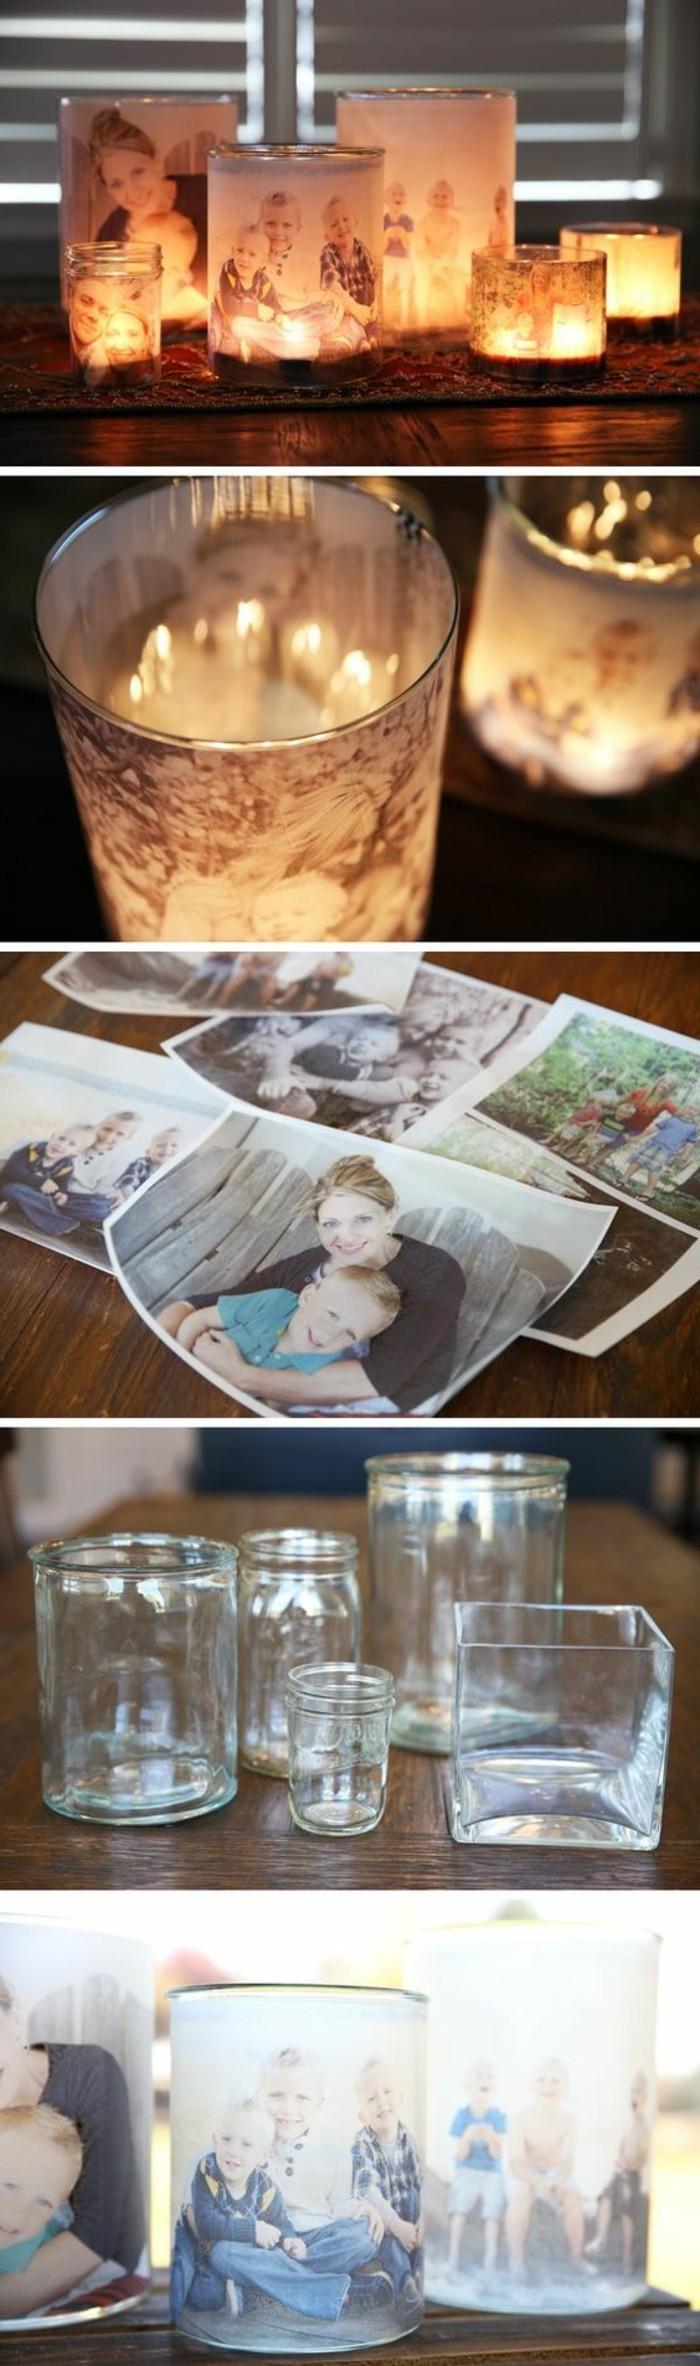 geschenke für mama selber machen, bilder drucken und als vorlagen für kerzenhalter deko nutzen